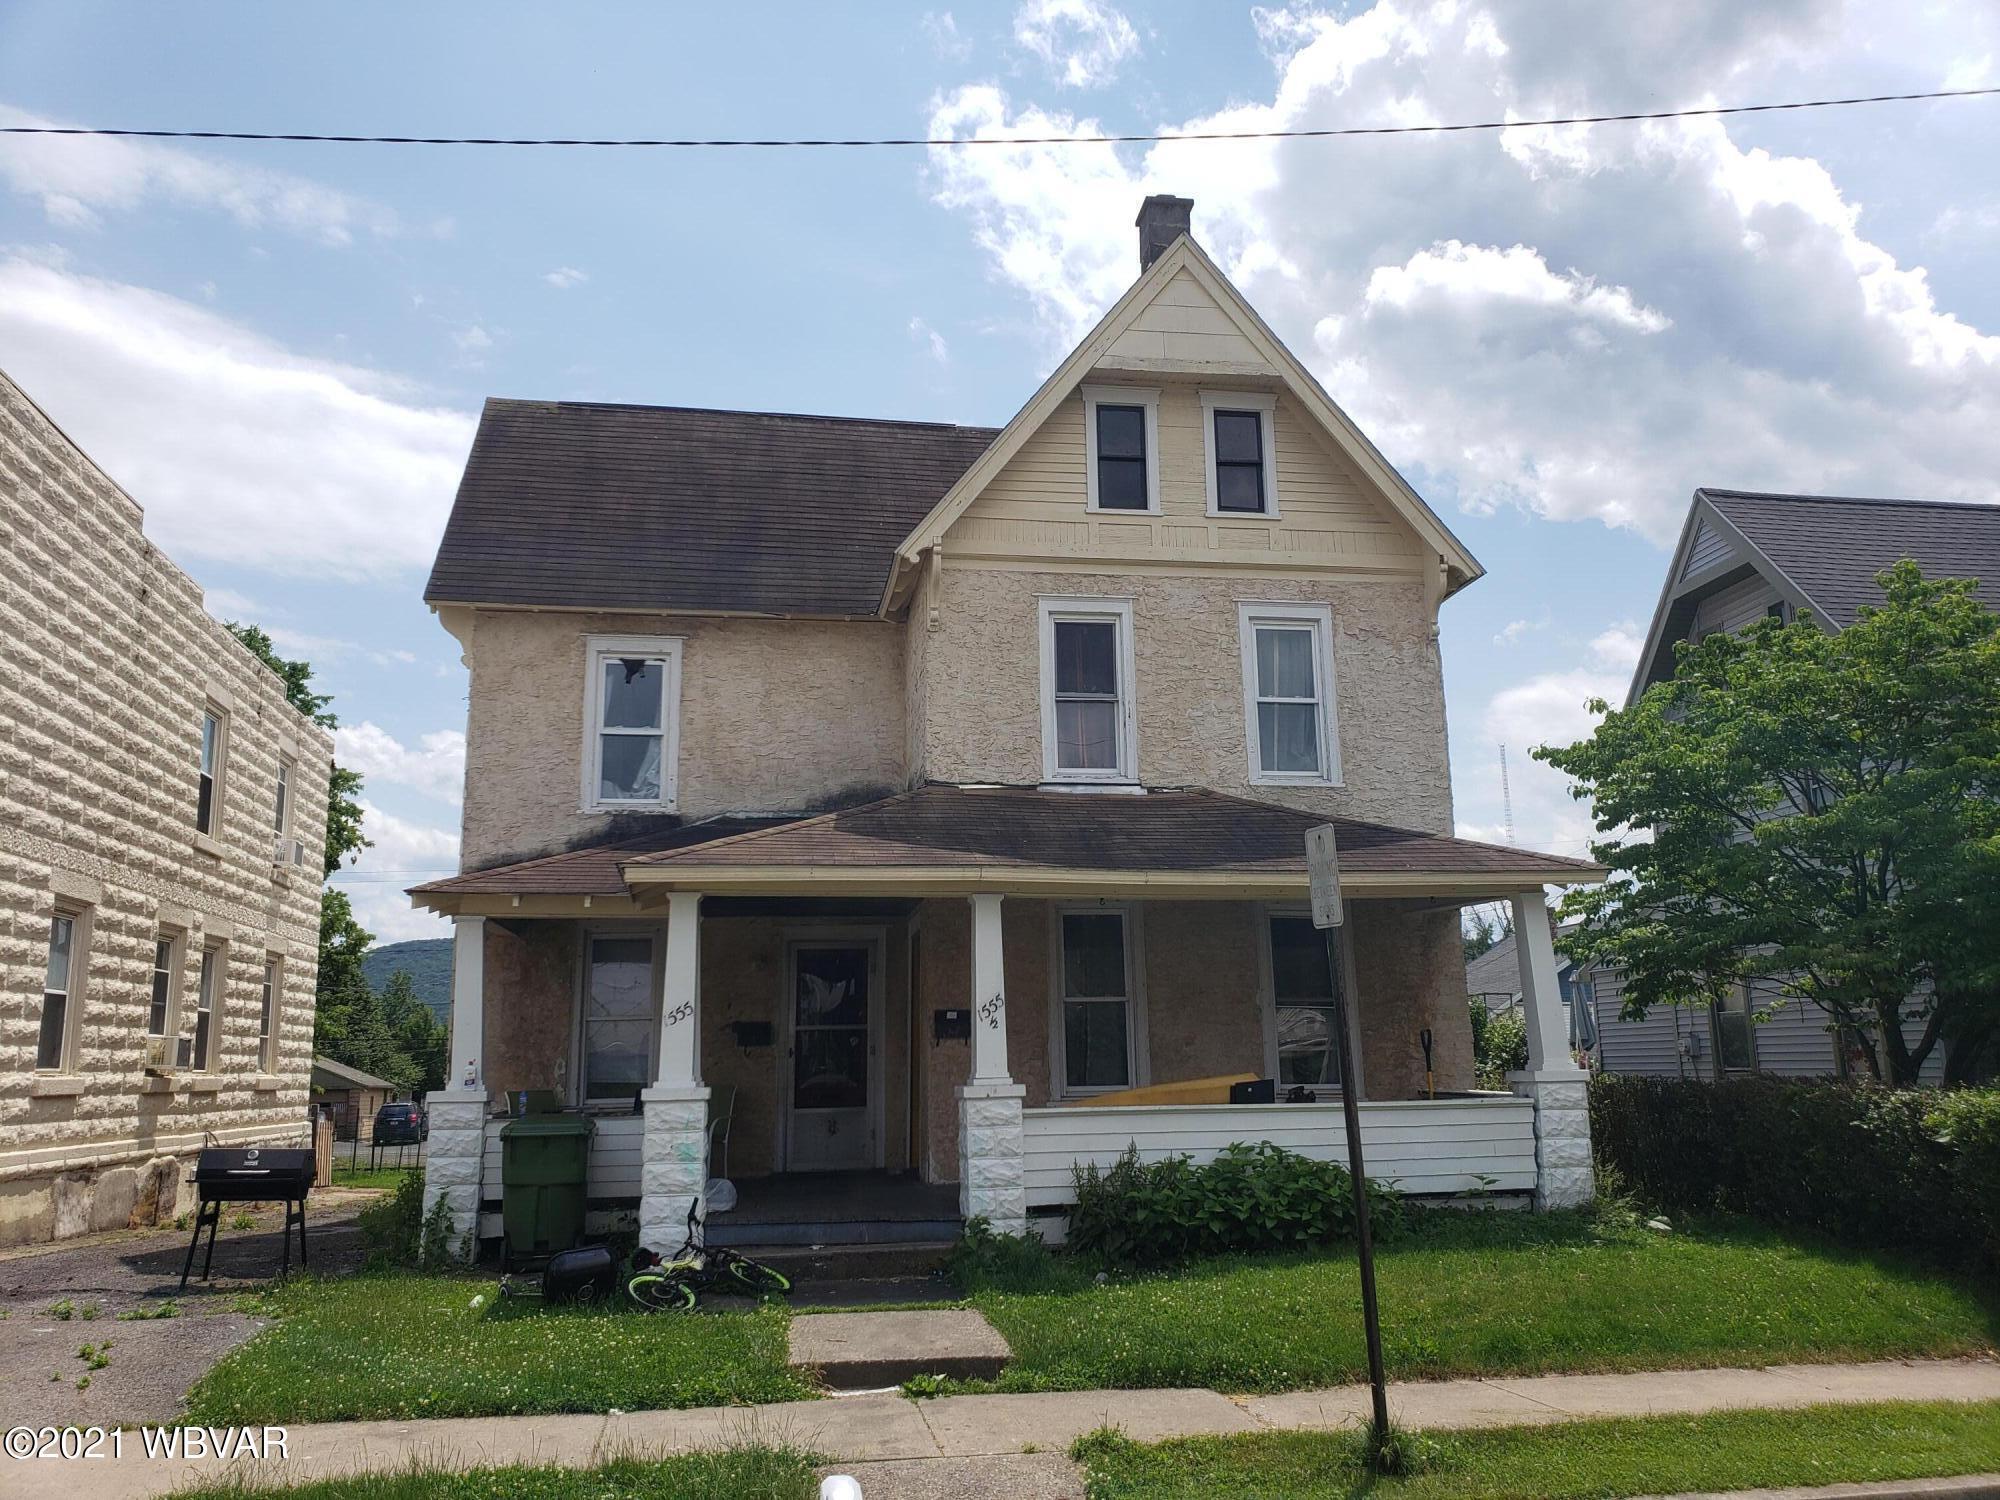 1555 SCOTT STREET, Williamsport, PA 17701, ,Multi-units,For sale,SCOTT,WB-92799